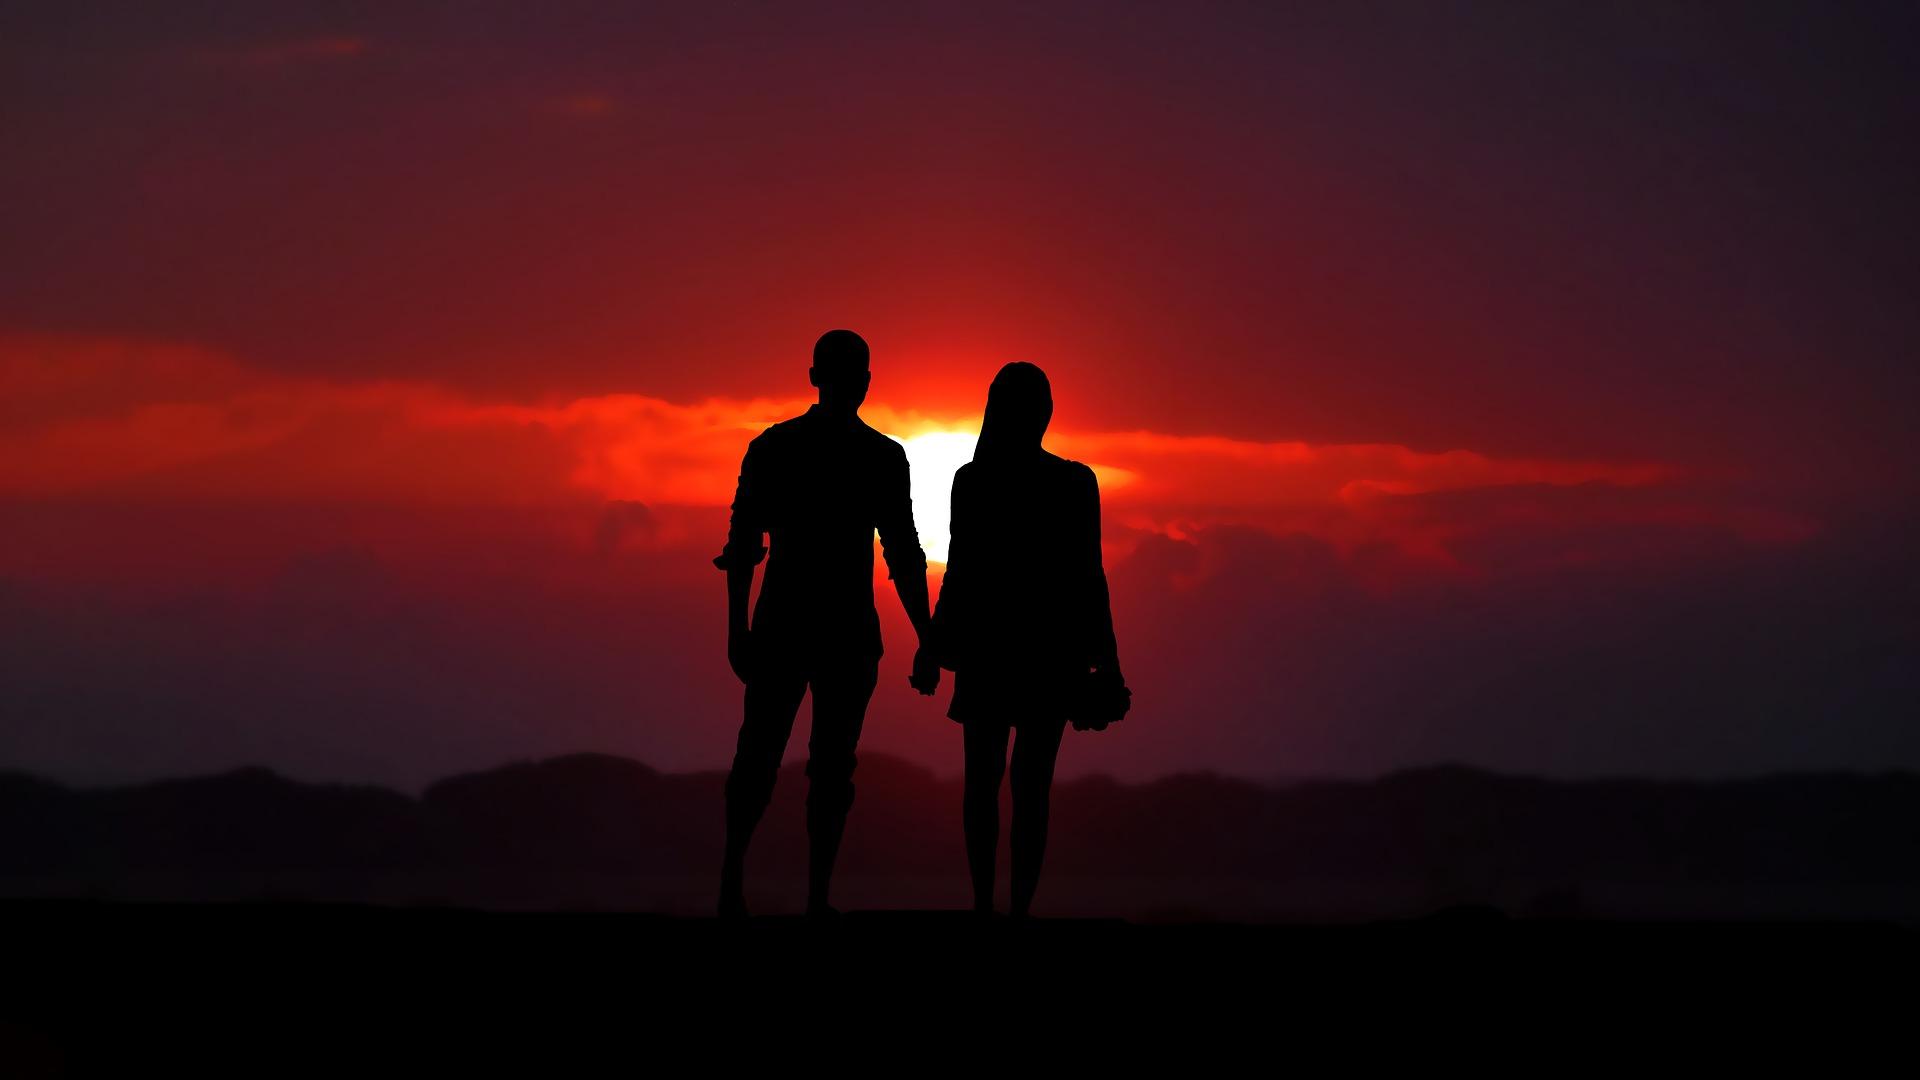 ソウルメイトが既婚者同士だったら不倫成就するの?離婚するべき?ソウルメイトとであったしるしと別れの理由